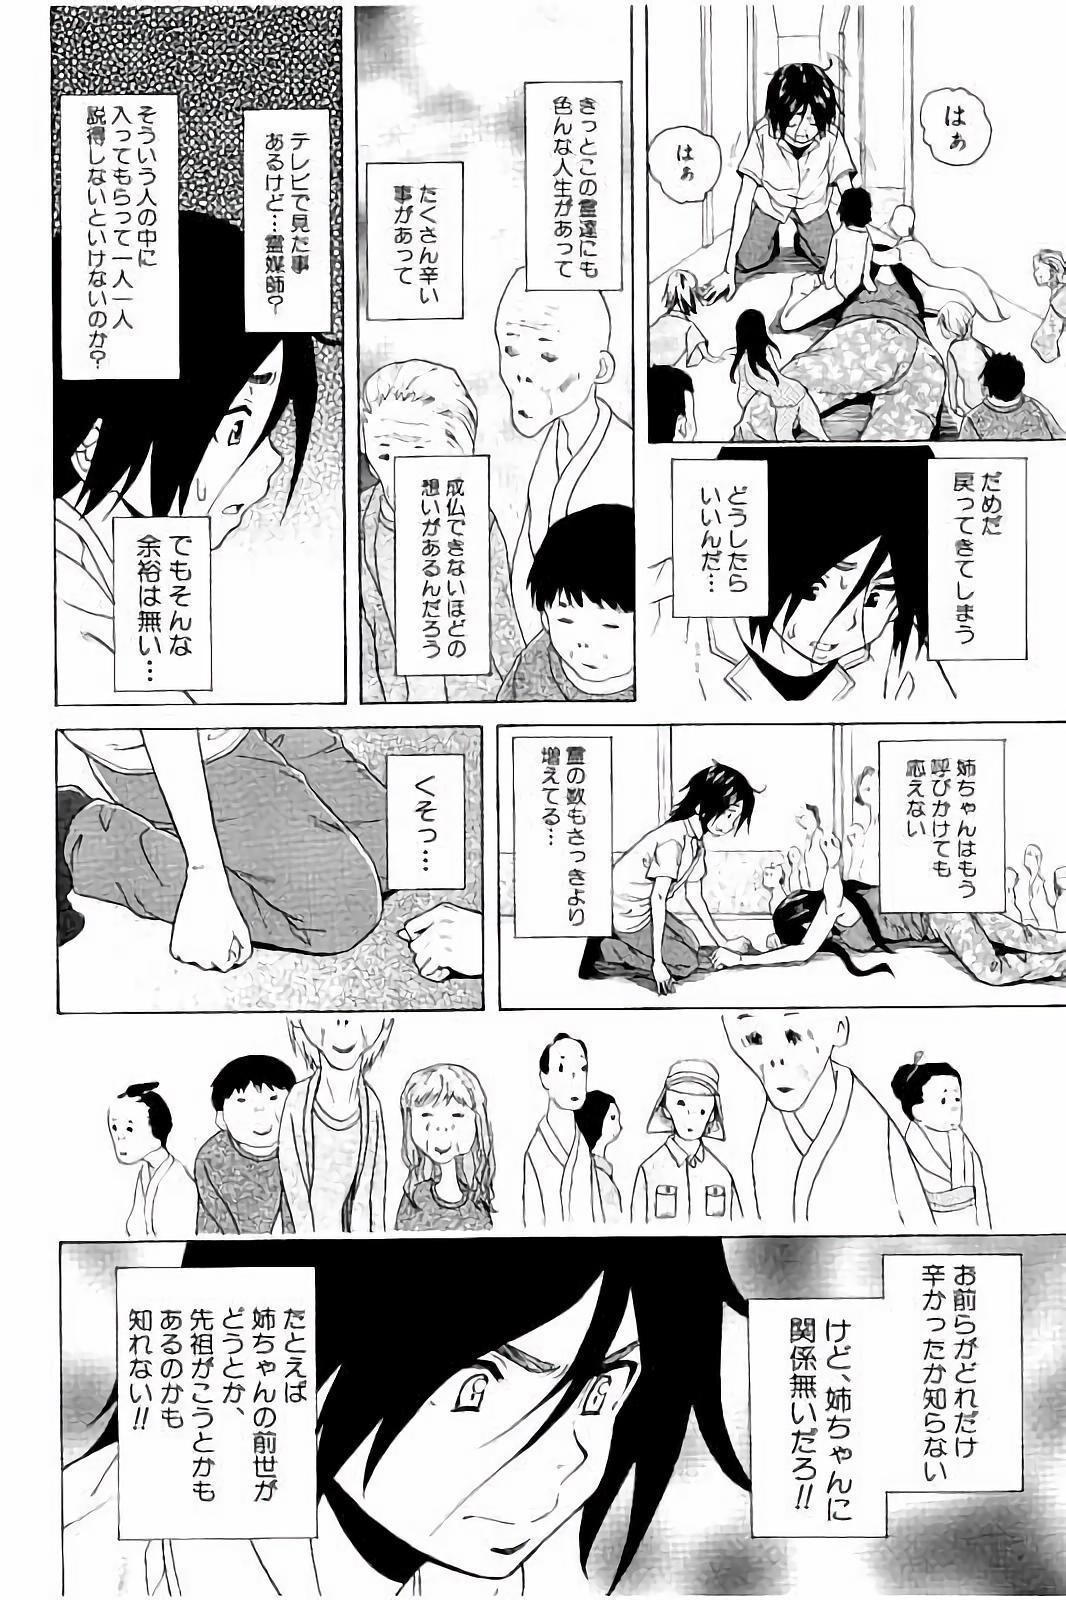 Ane no Himitsu To Boku no Jisatsu 193